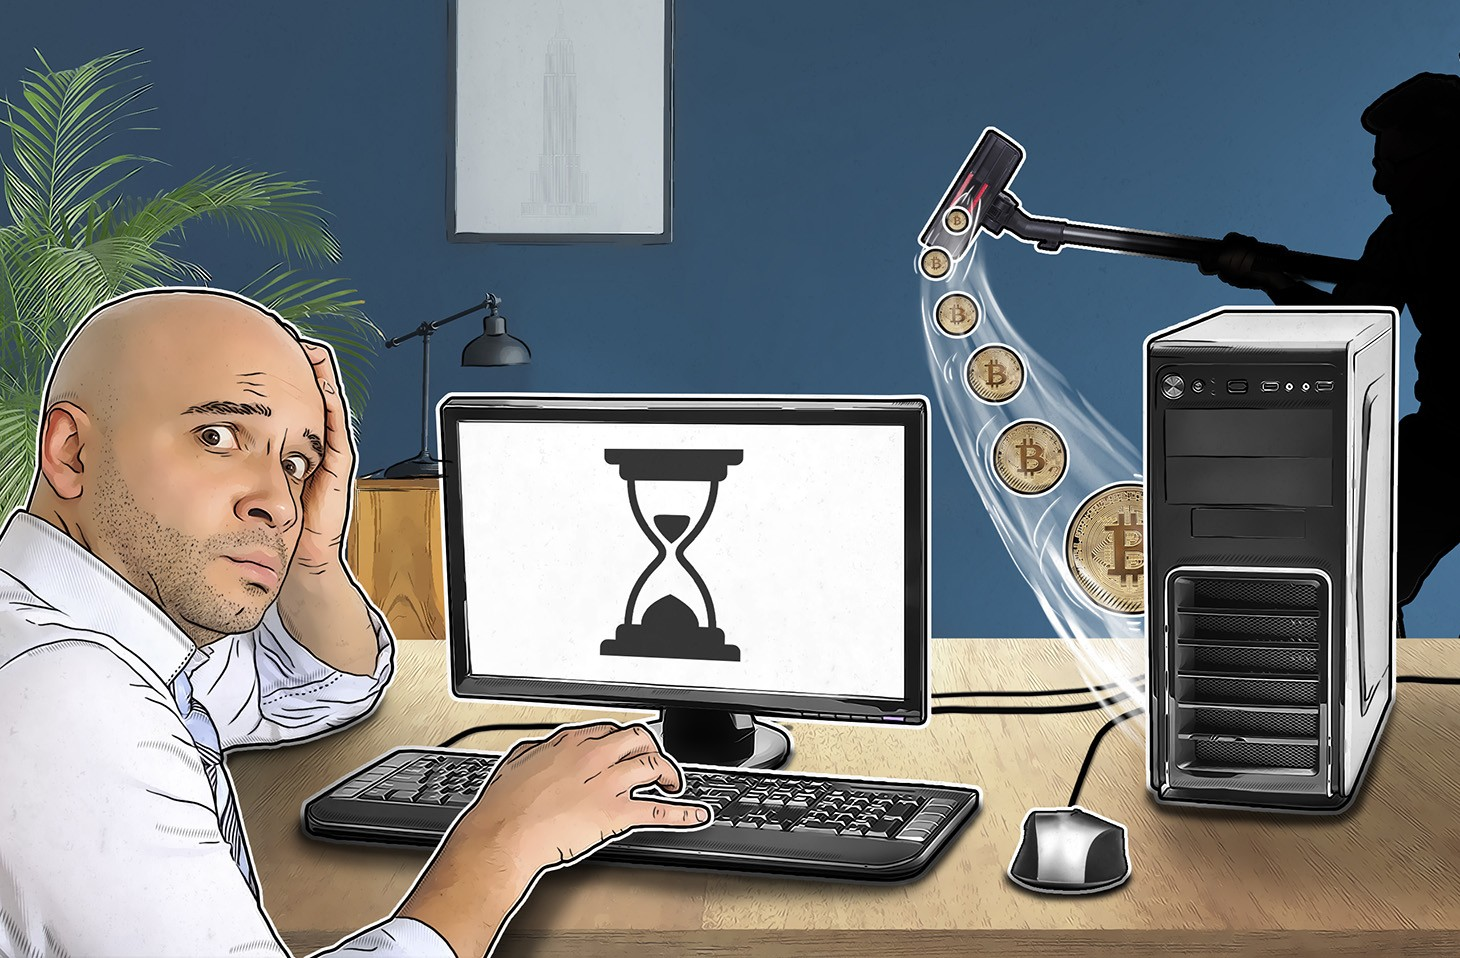 Скорее всего, в следующем году создатели и распространители зловредов переключатся с шифровальщиков-вымогателей на вредоносные веб-майнеры.